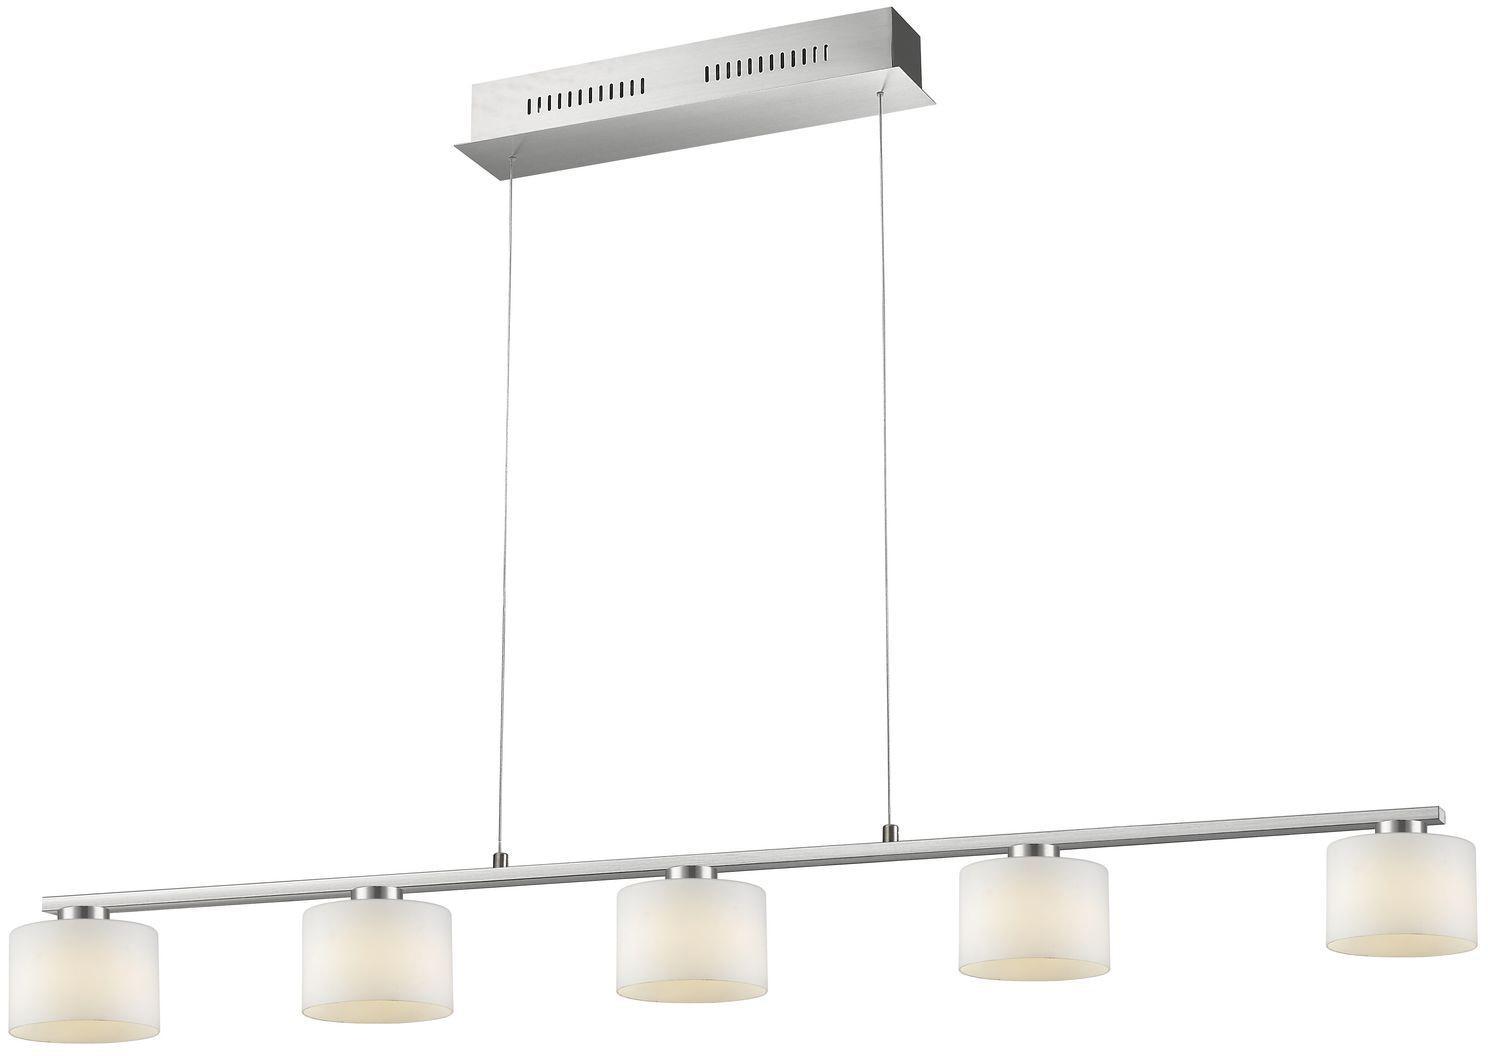 TRIO Leuchten LED Pendelleuchte Alegro, LED-Board, Warmweiß, LED Hängelampe, LED Hängeleuchte, Switch Dimmer